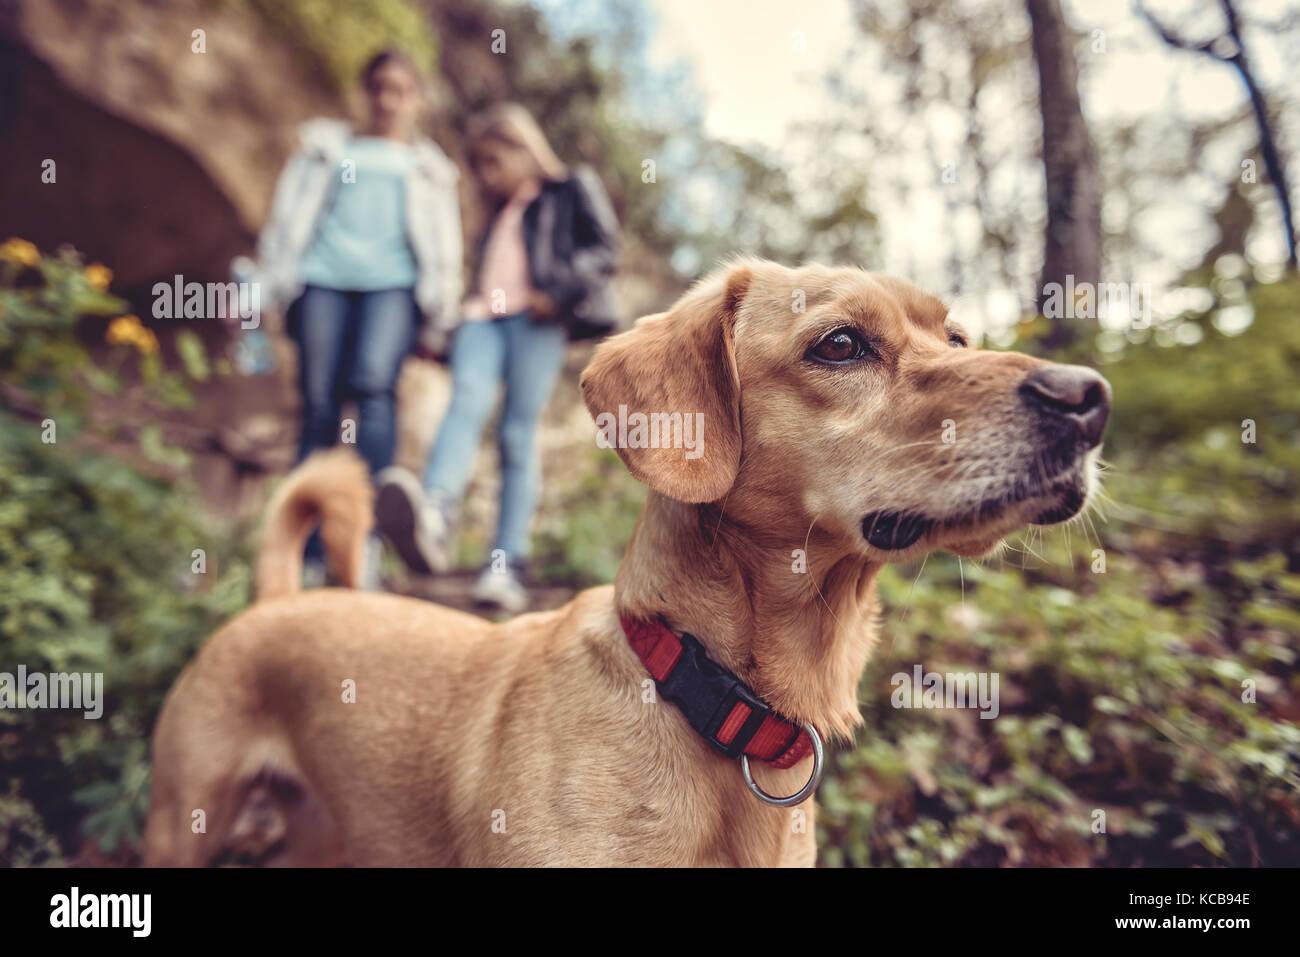 Pequeño perro amarillo en una pista forestal con una gente caminando en el fondo Imagen De Stock